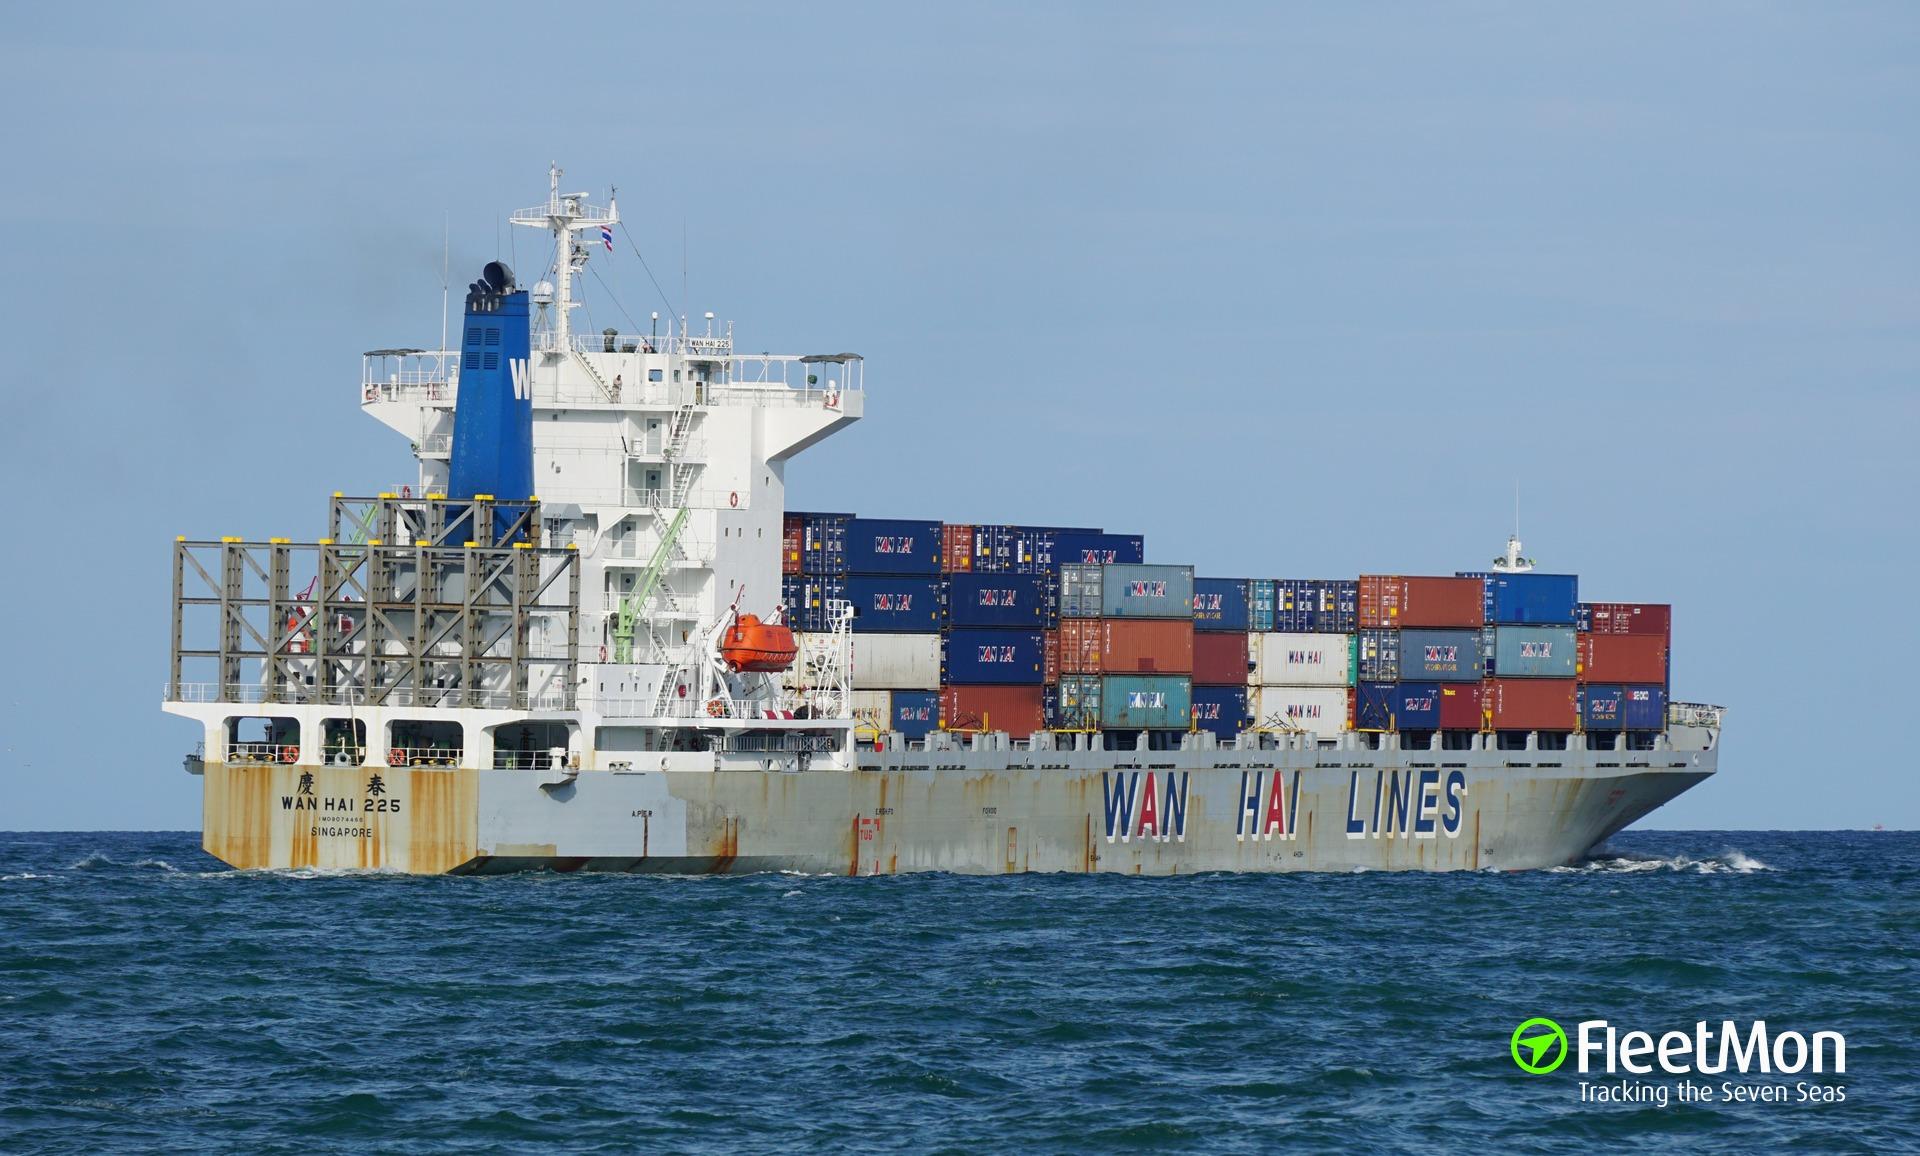 Wan Hai Increases Capacity of its Taiwan – Hong Kong PRD Service